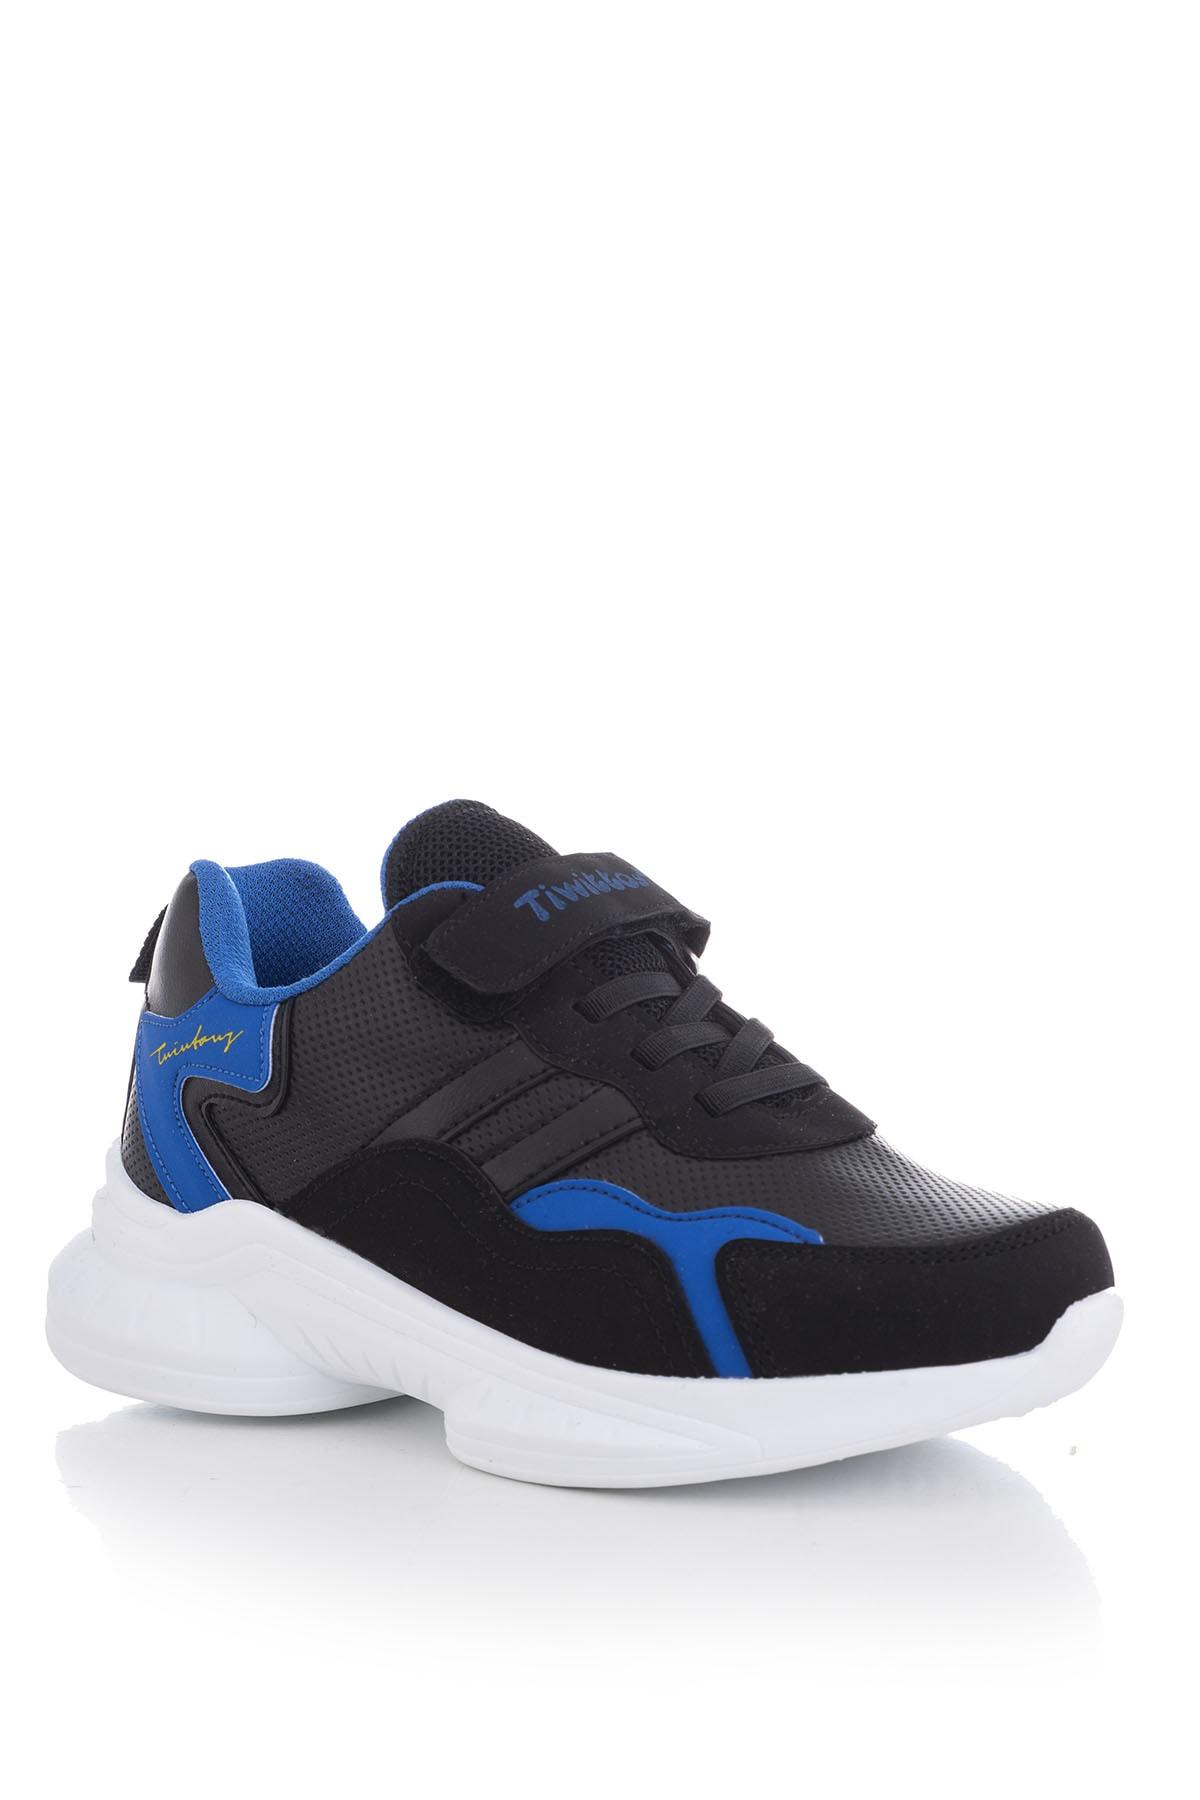 Tonny Black Siyah Sax Çocuk Spor Ayakkabı Tbk5